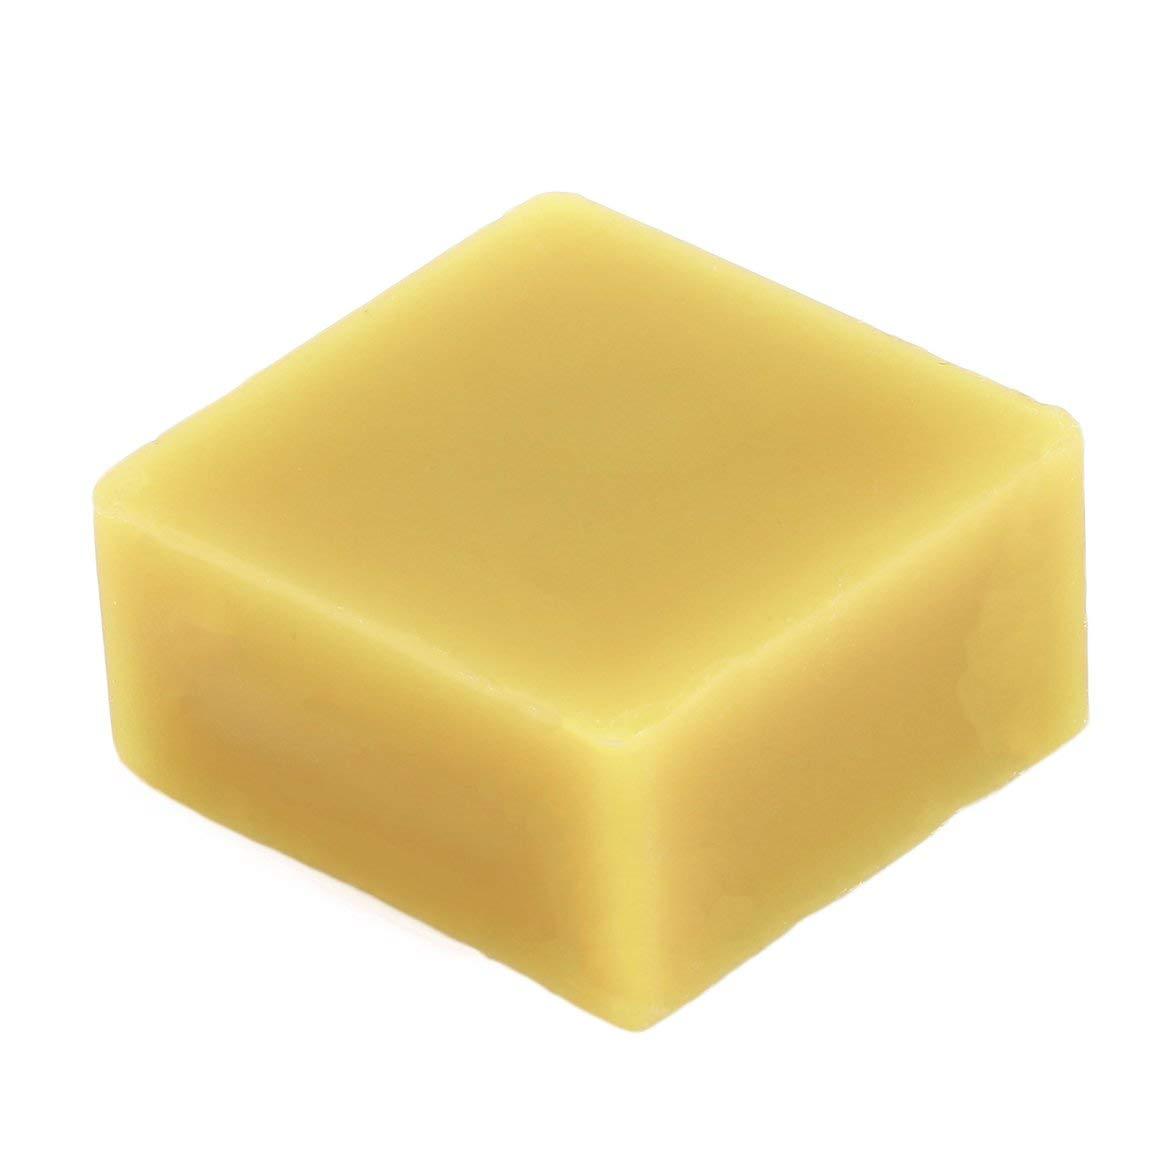 Cosmé tico Miel Natural Muebles Polaco Cera 100% Orgá nico Puro natural Cera de abejas Grado alimenticio Amarillo Cera de abejas DIY Bá lsamo labial - Amarillo Delicacydex